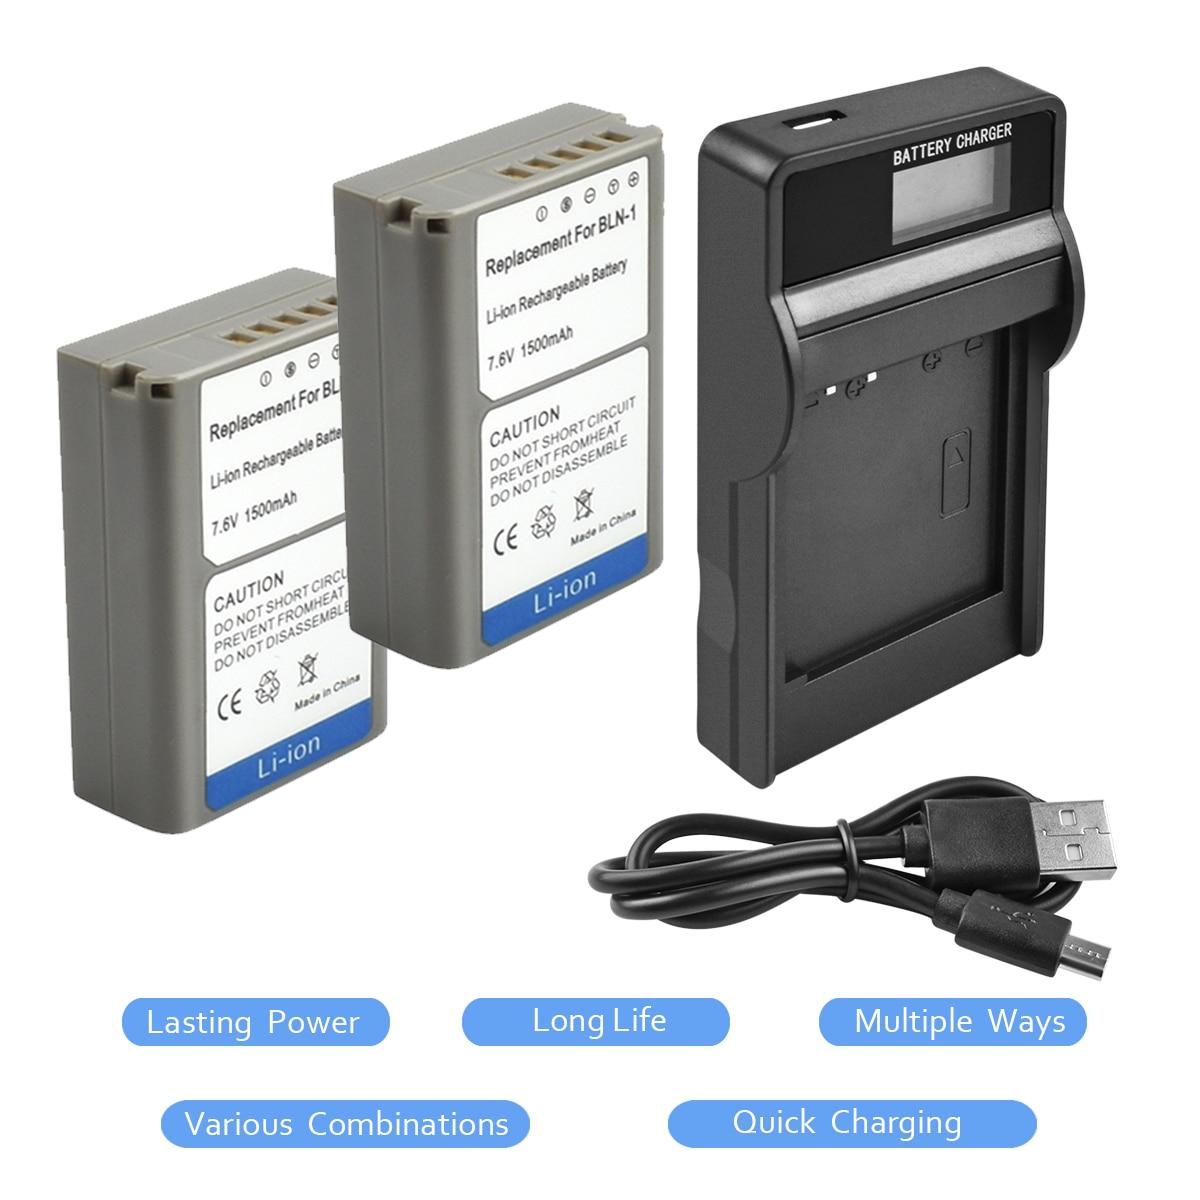 Unterhaltungselektronik Batterien Streng Ohd Original 1600 Mah Bln-1 Ps-bln1 Bln 1 Digital Kamera Batterie Für Olympus E-m5 Em5 Omd Om-d